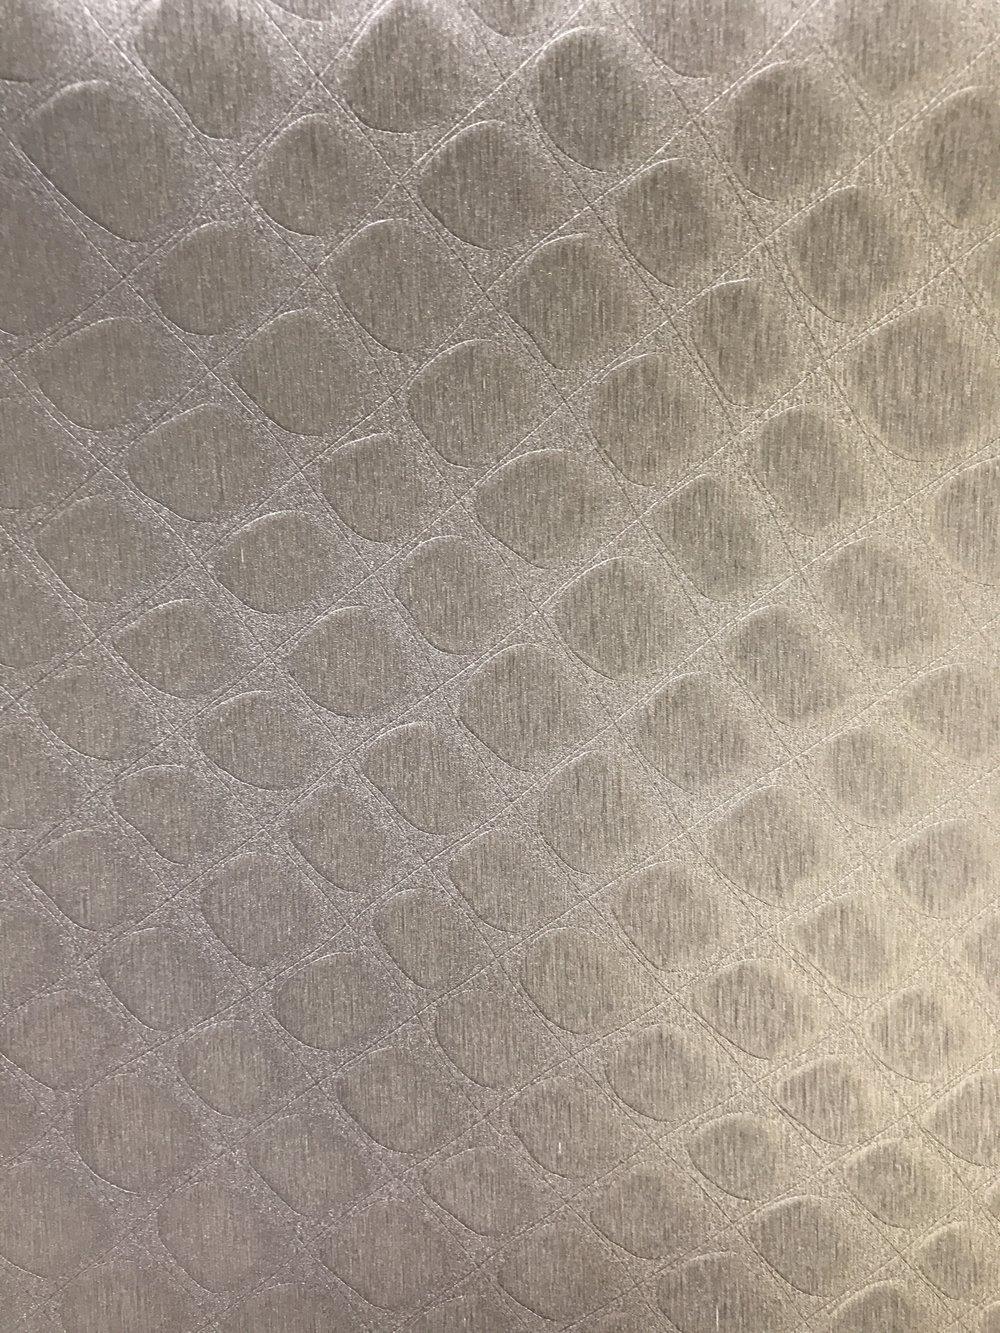 S79 Taupe Tortoiseshell